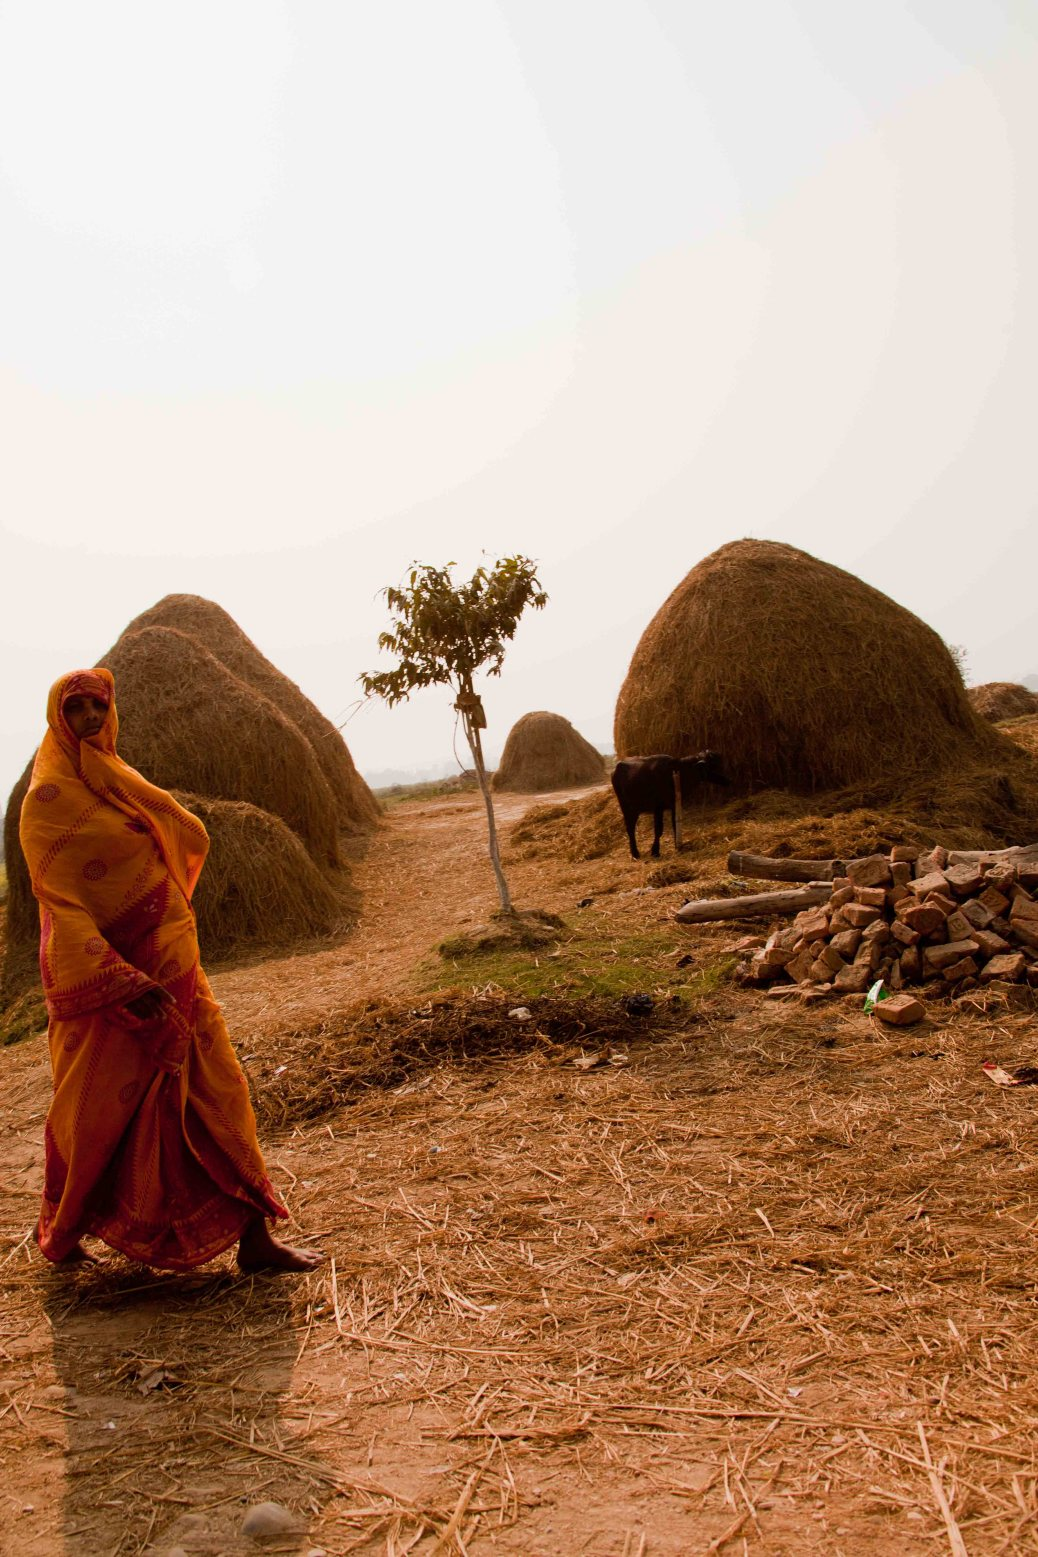 Rural Woman: Dhanusha